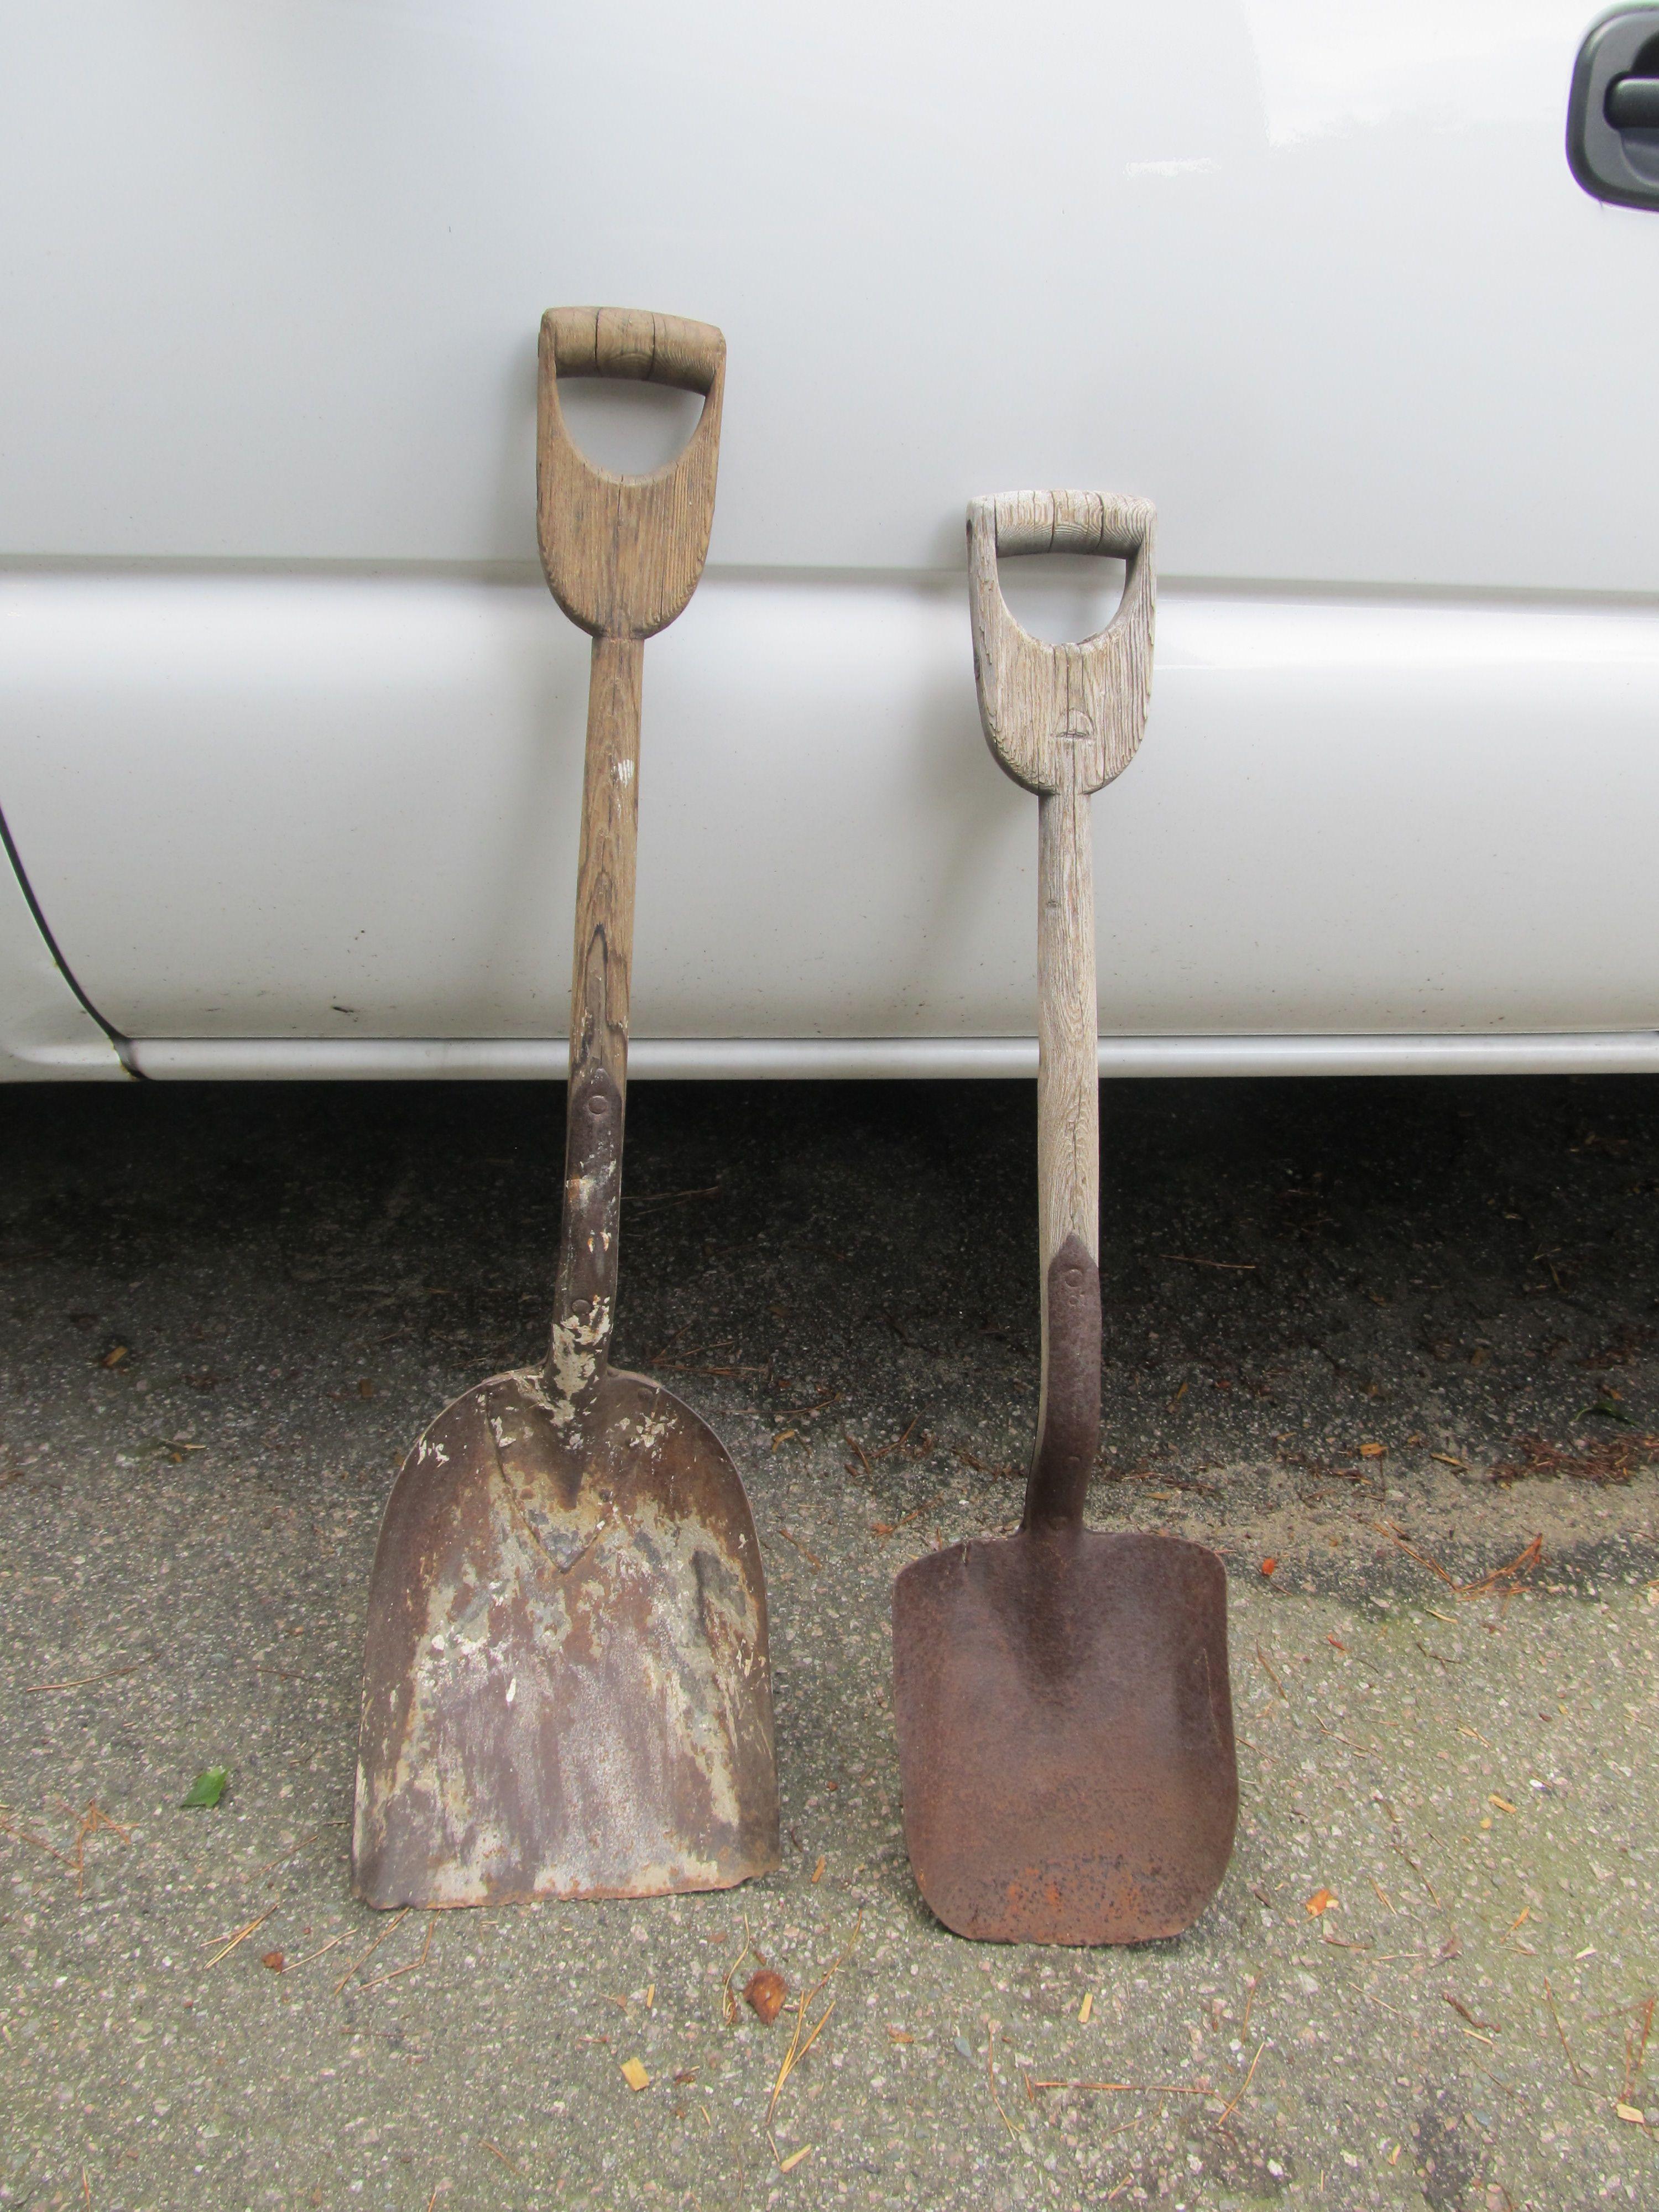 D wooden handled shovels Yard/Flea/Craigslist finds in